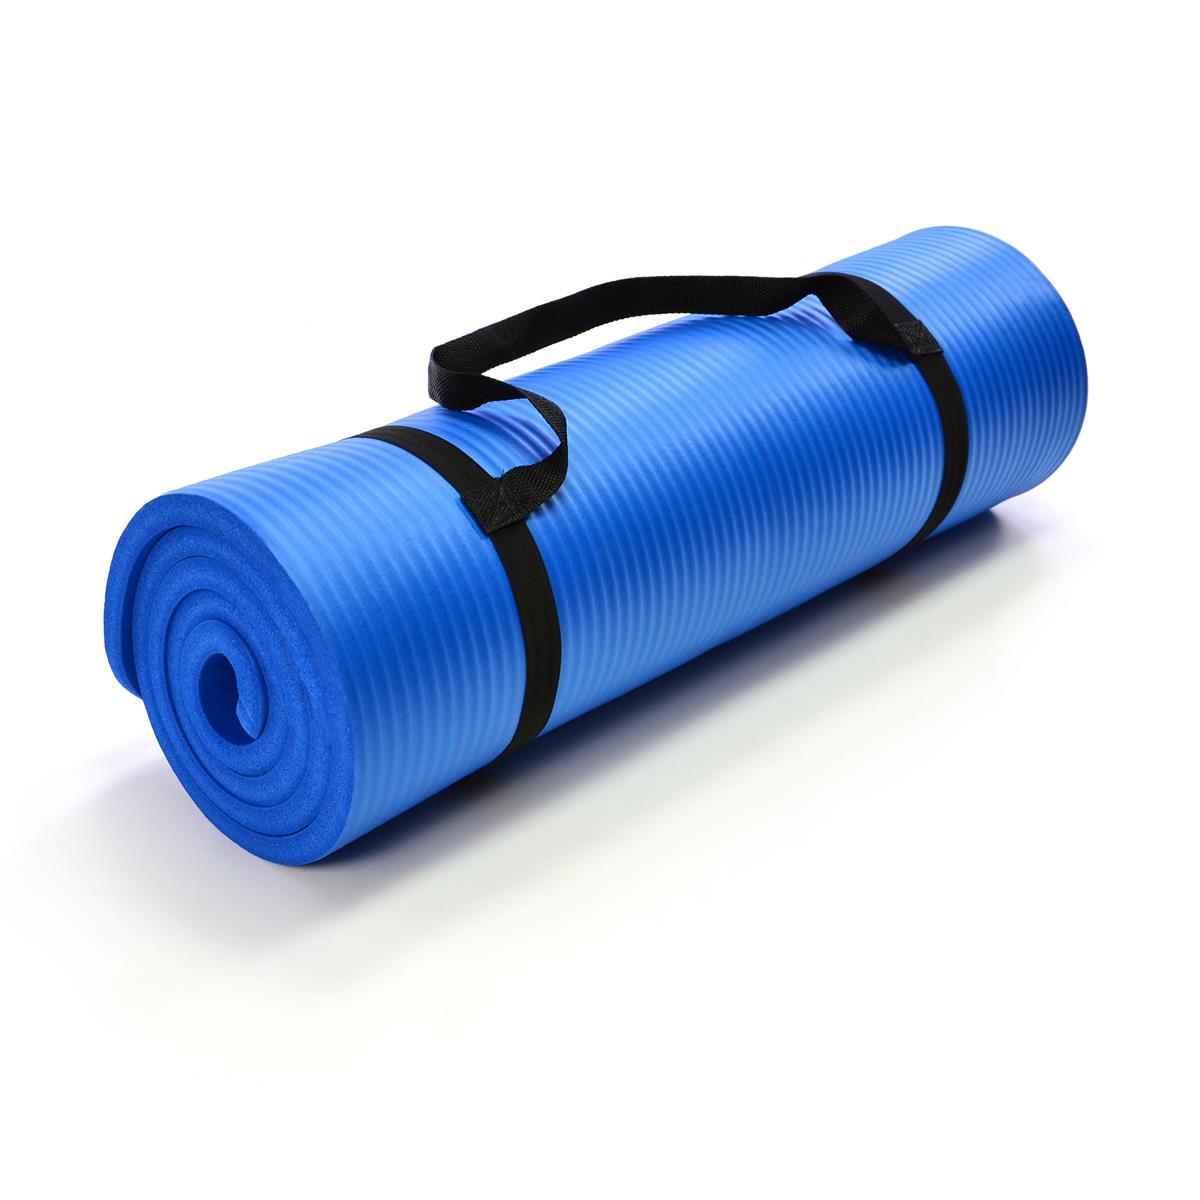 Yogamatte Gymnastikmatte Fitnessmatte 190 x 60 x 1,5 cm blau schadstofffrei